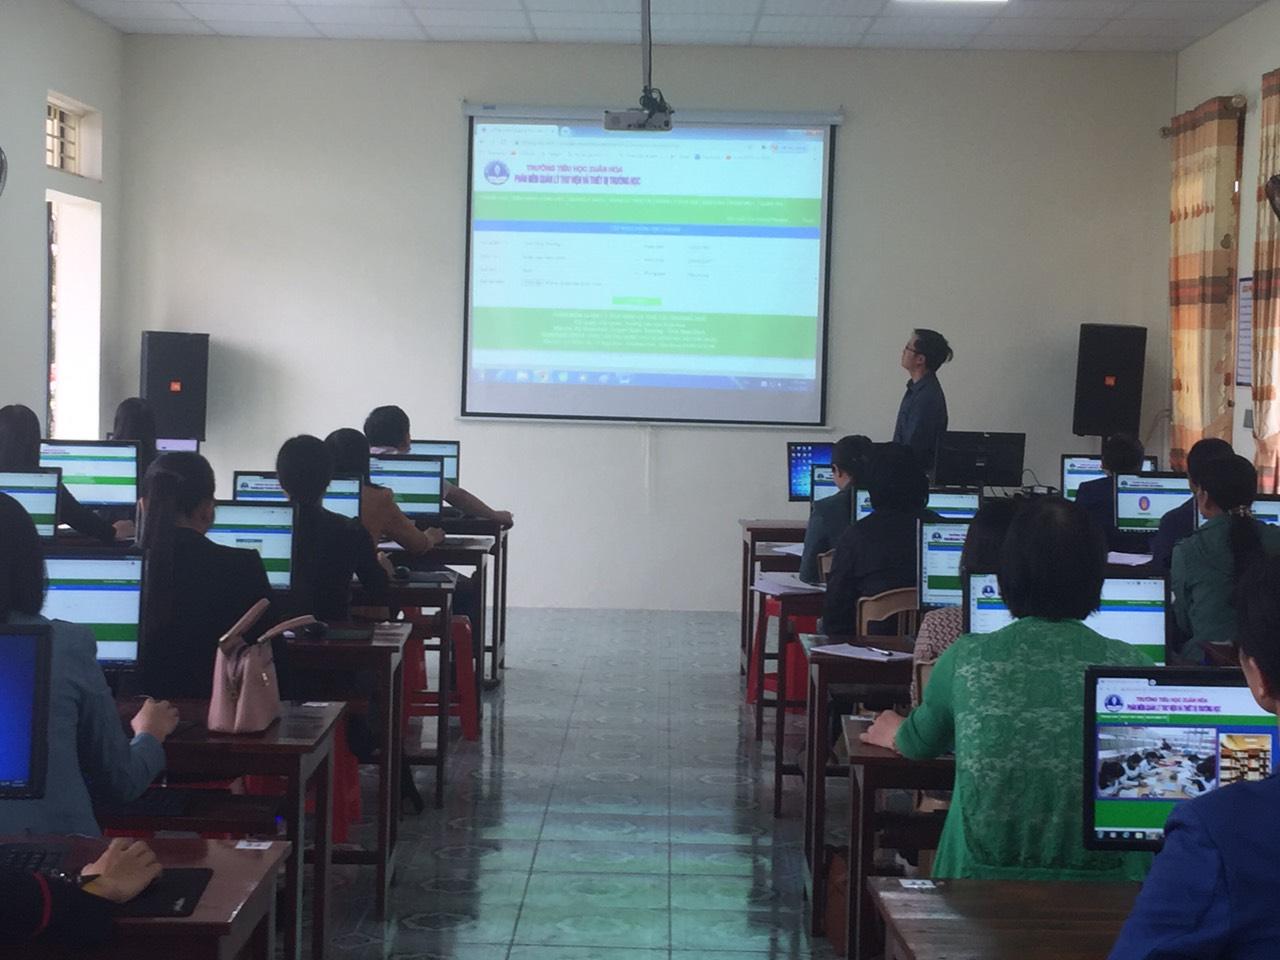 Đào tạo chuyển giao phần mềm Quản lý Thư viện và Thiết bị trường học